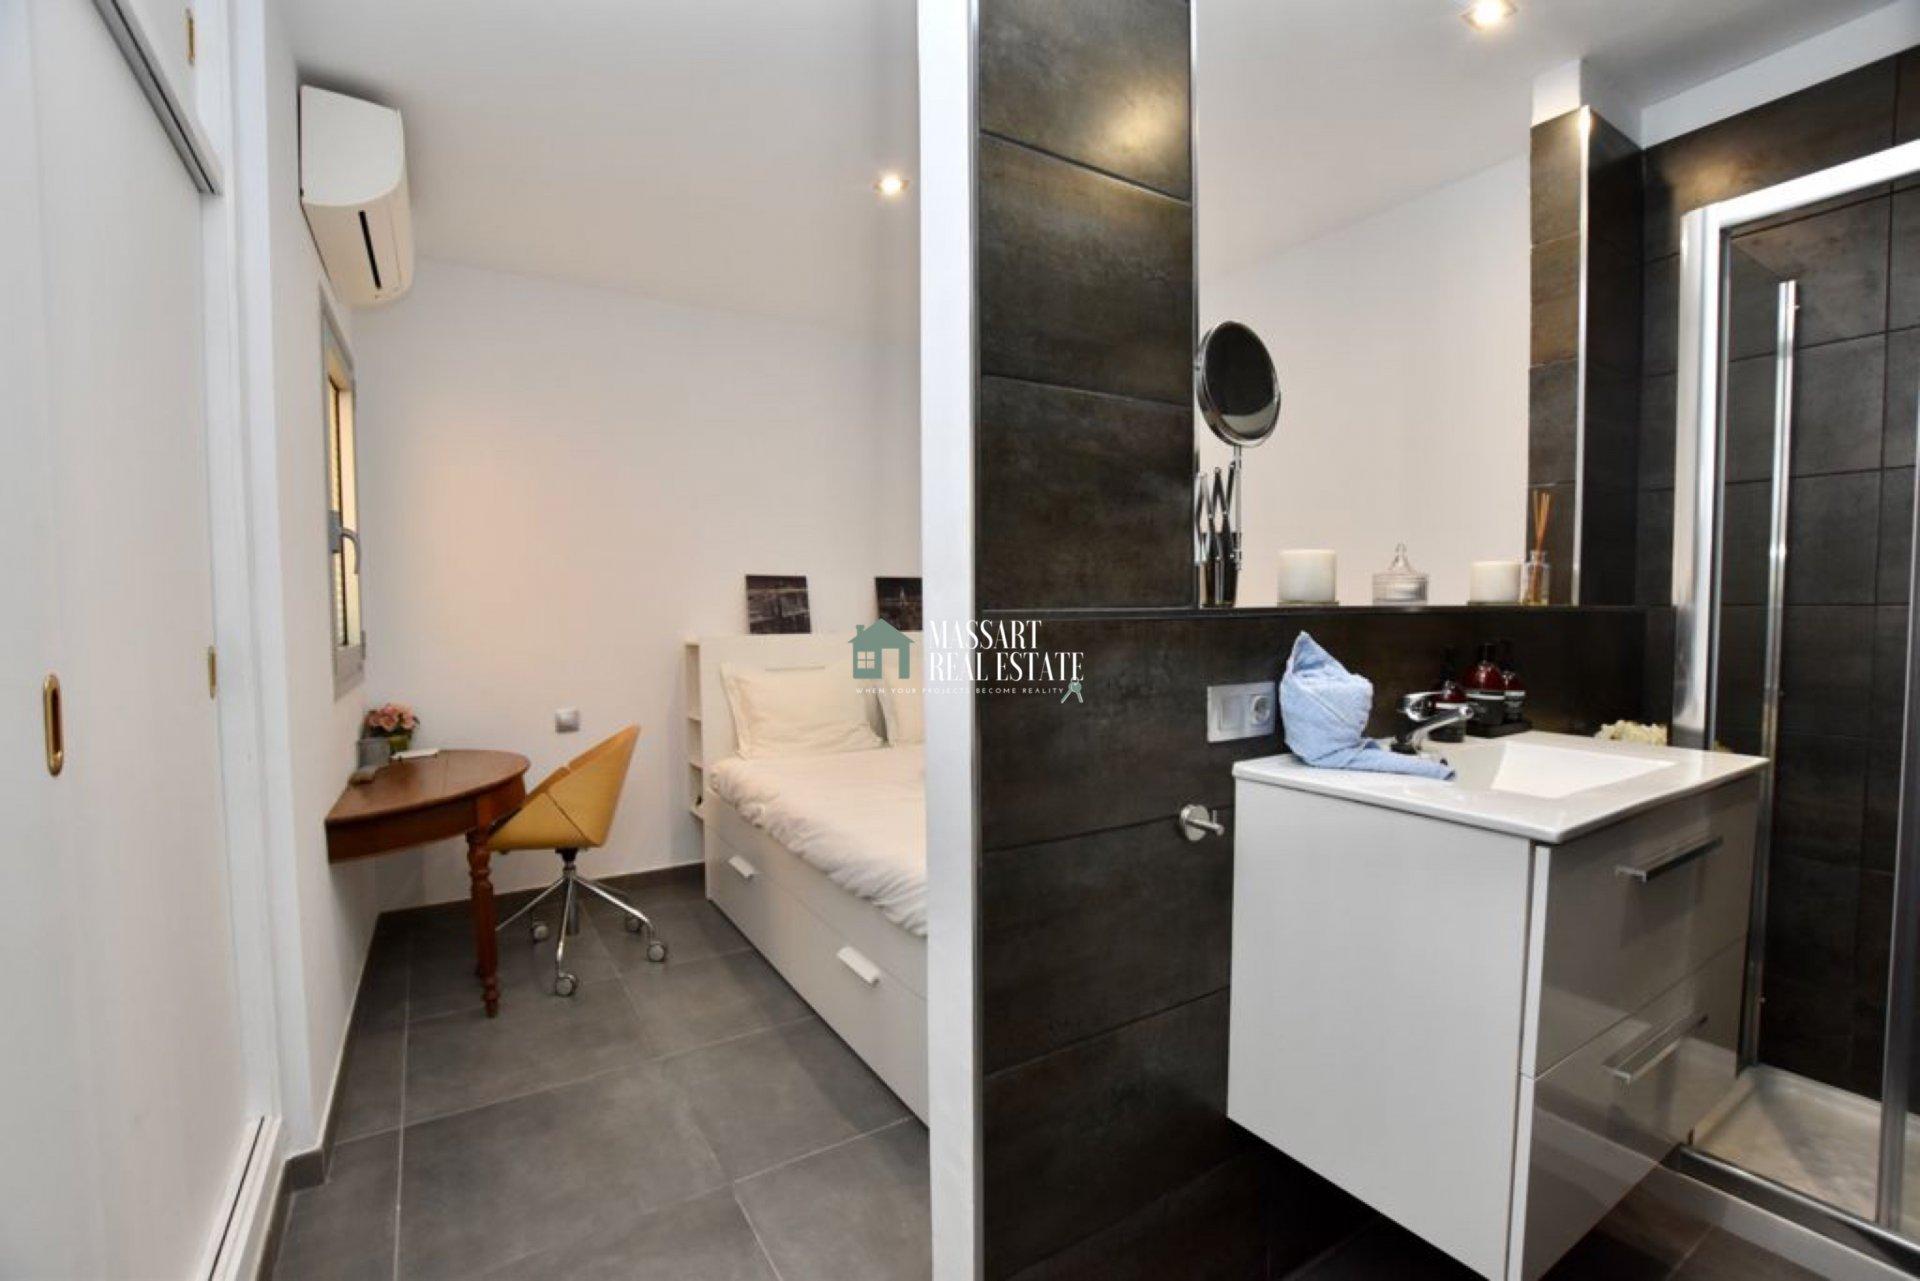 Lussuoso appartamento climatizzato con tutti i comfort di cui hai bisogno situato nella bellissima città costiera di Alcalá… molto vicino alla spiaggia!